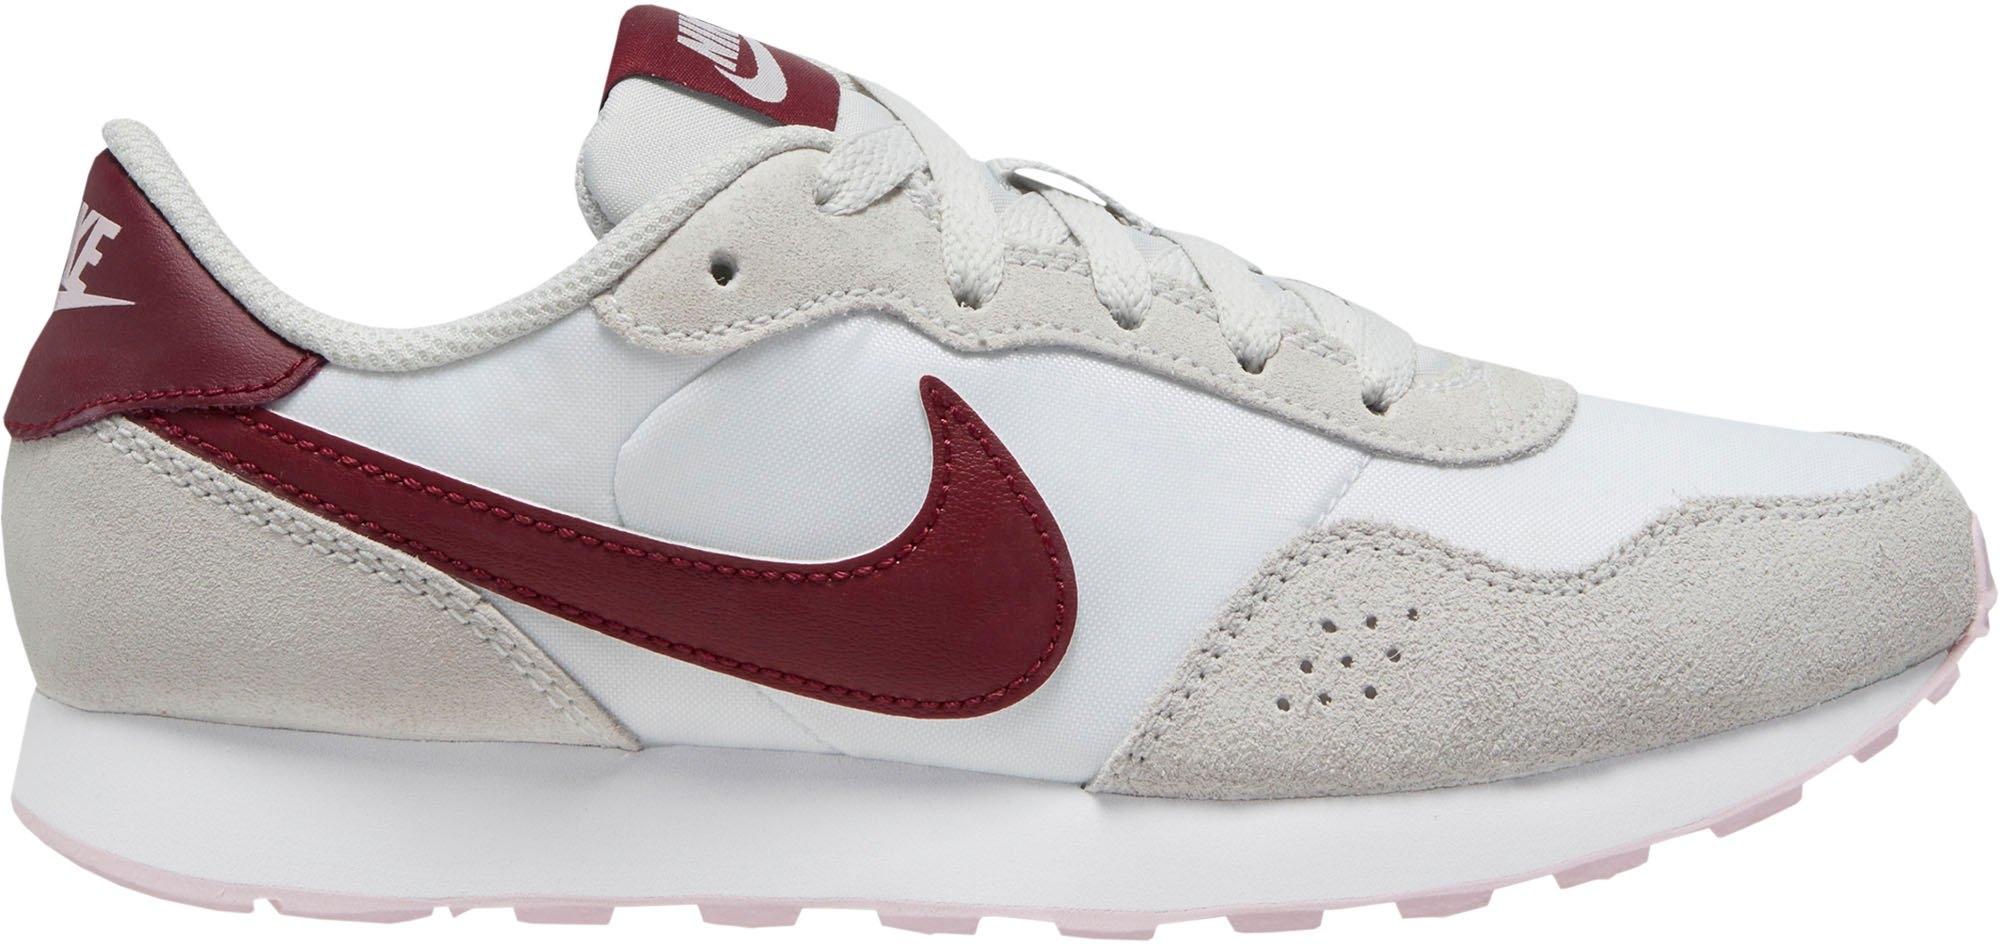 Nike Sportswear Sneakers Md Valiant bestellen: 30 dagen bedenktijd